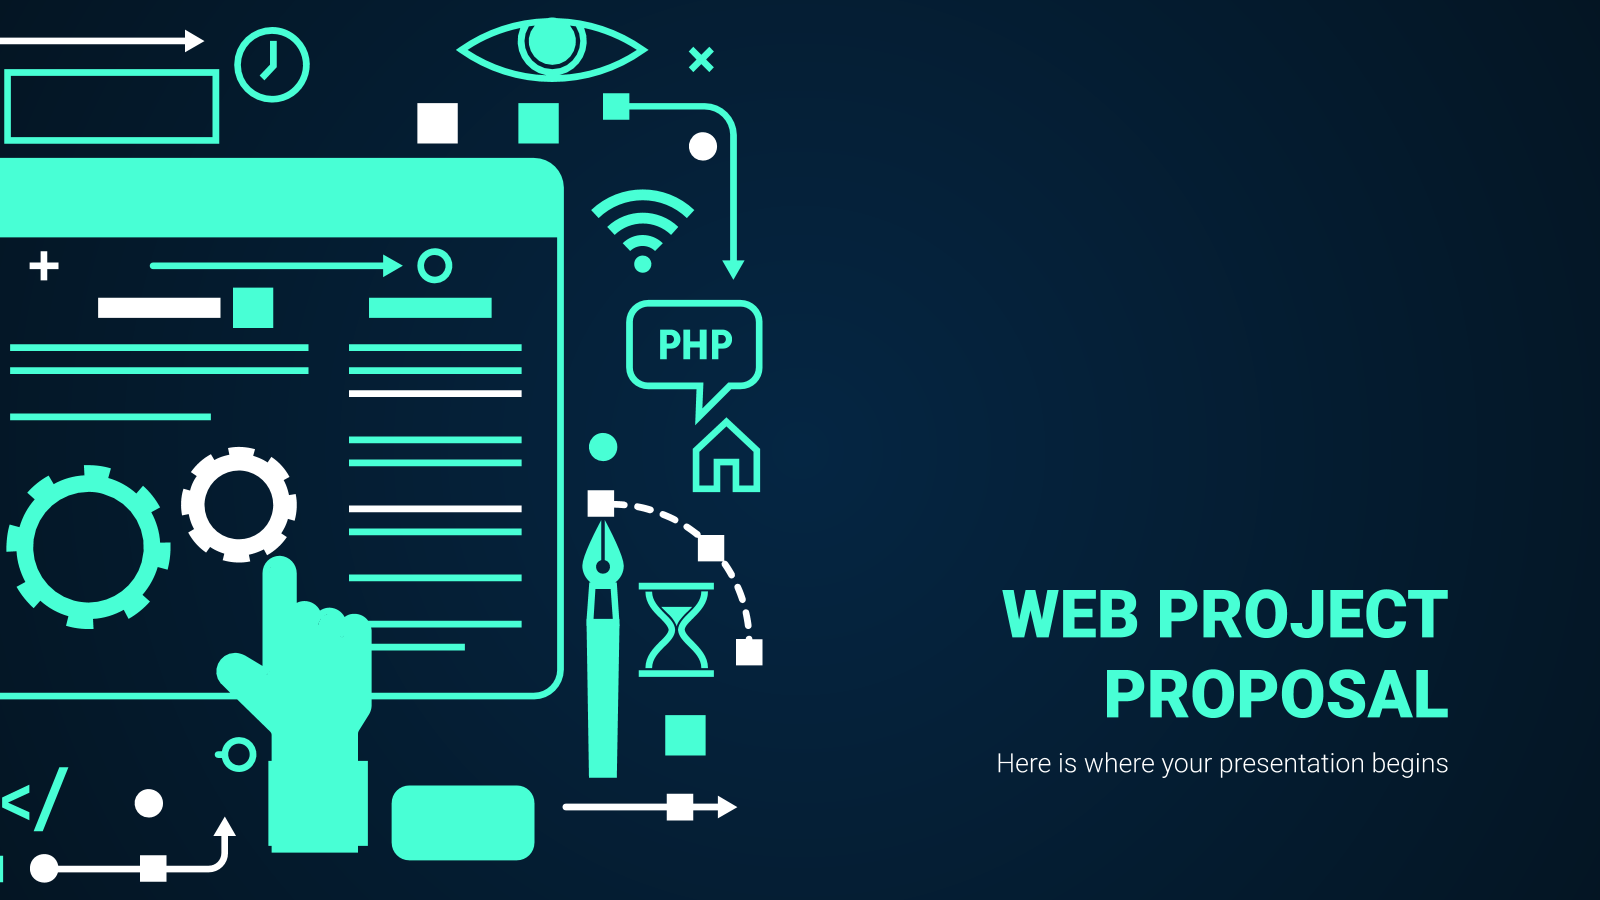 Proposition de projet Web : Modèles de présentation